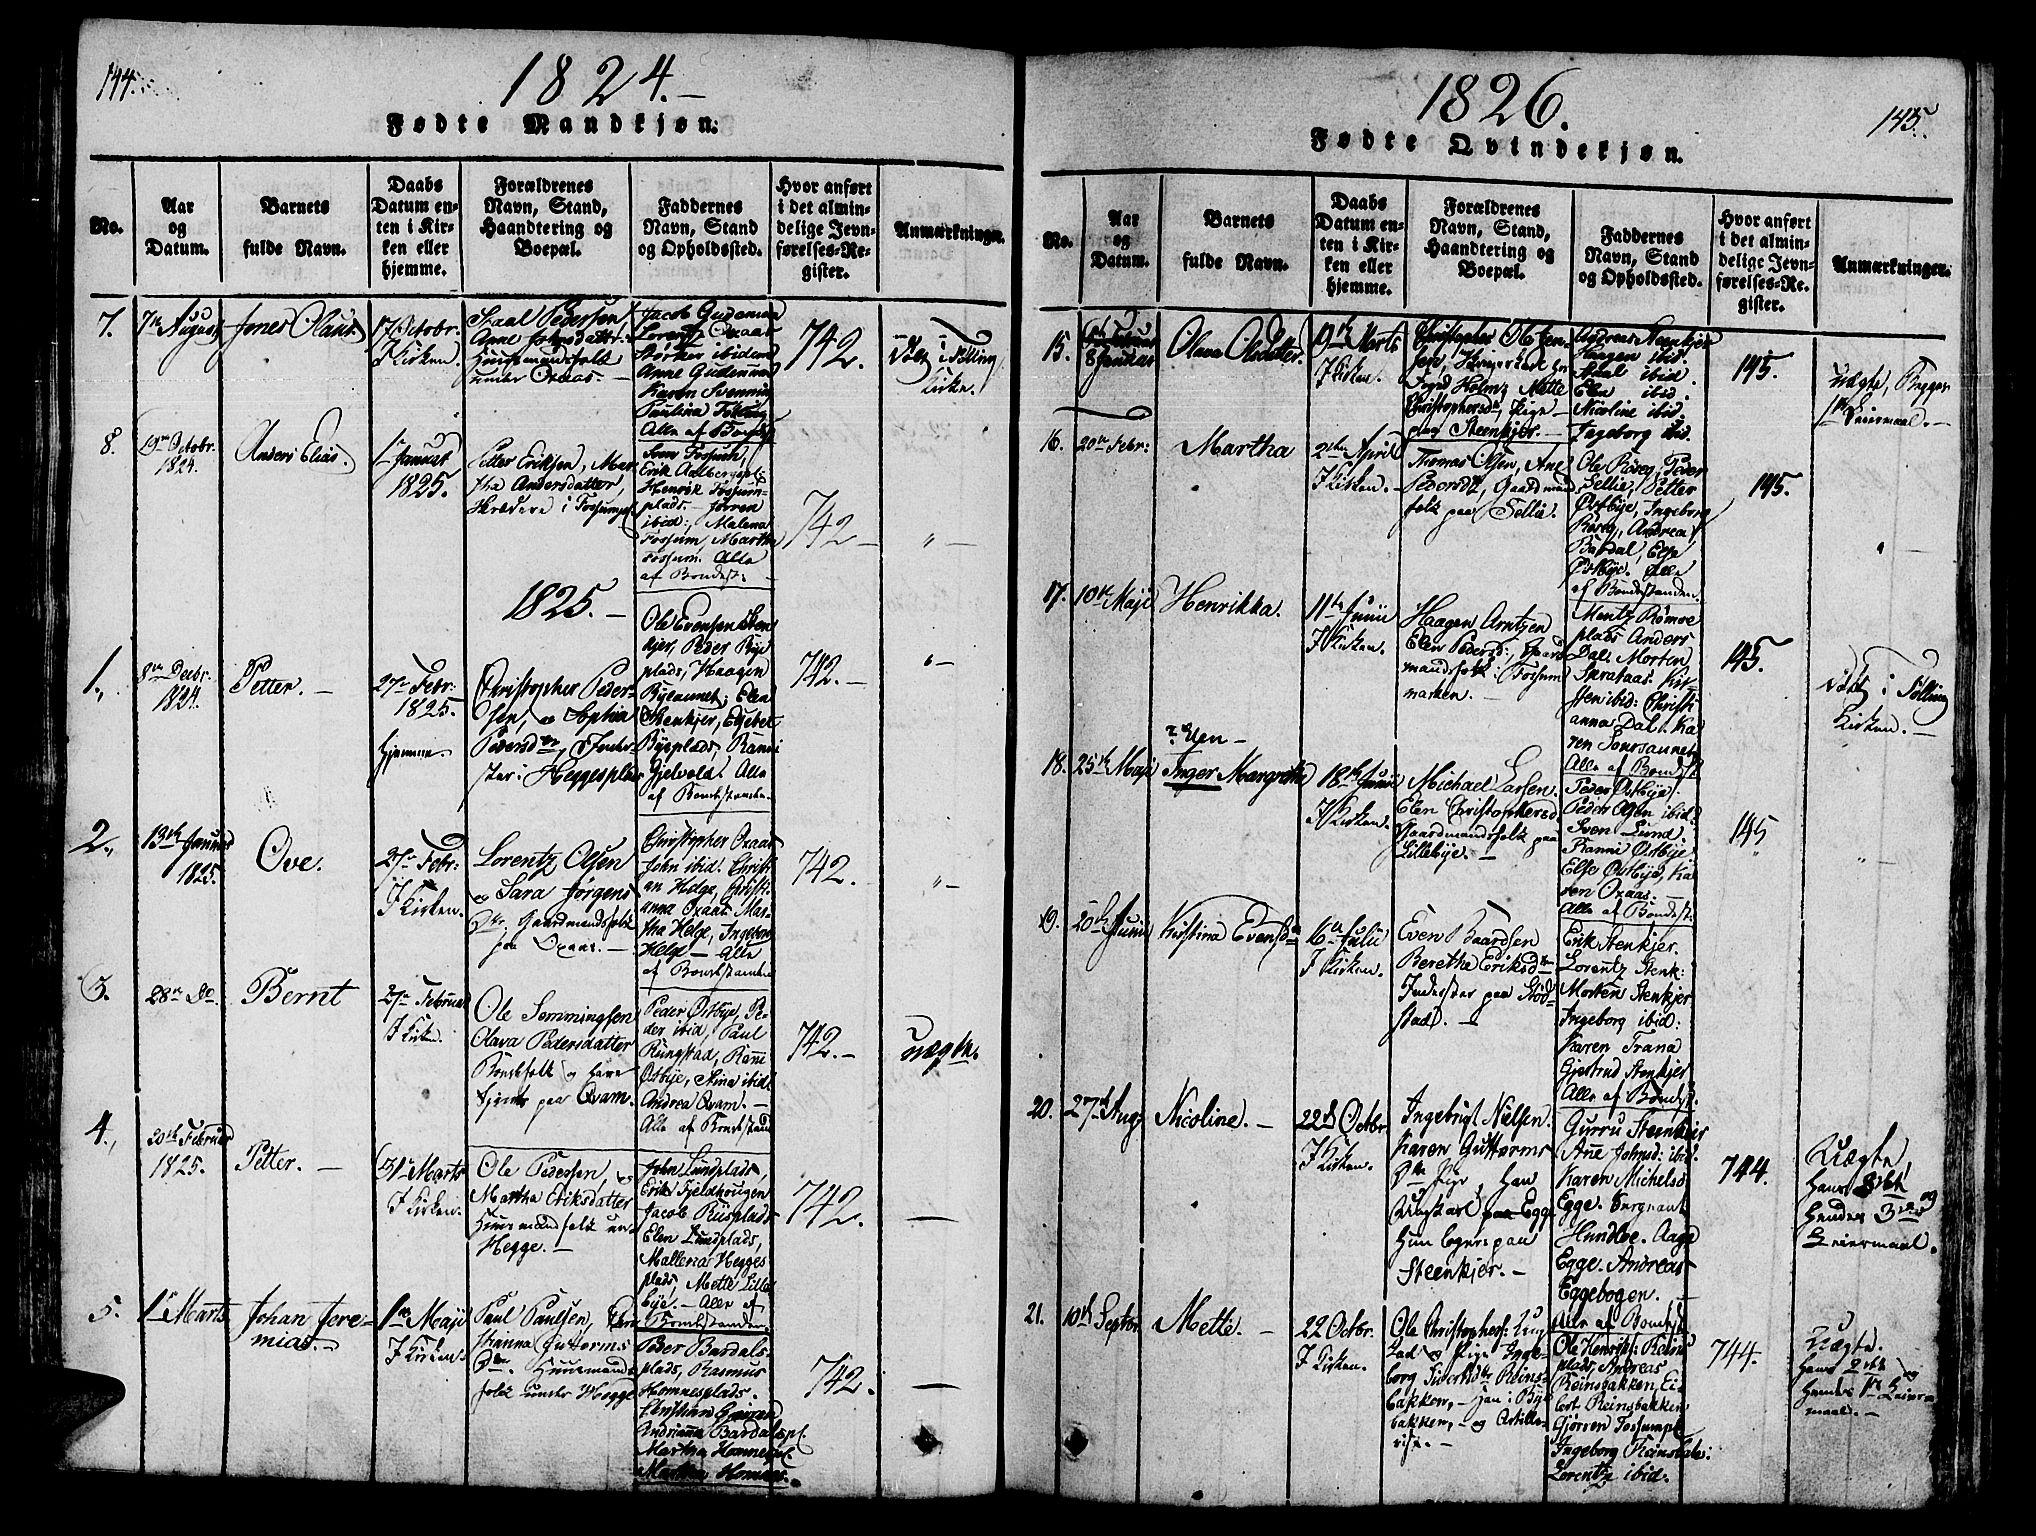 SAT, Ministerialprotokoller, klokkerbøker og fødselsregistre - Nord-Trøndelag, 746/L0441: Ministerialbok nr. 736A03 /3, 1816-1827, s. 144-145